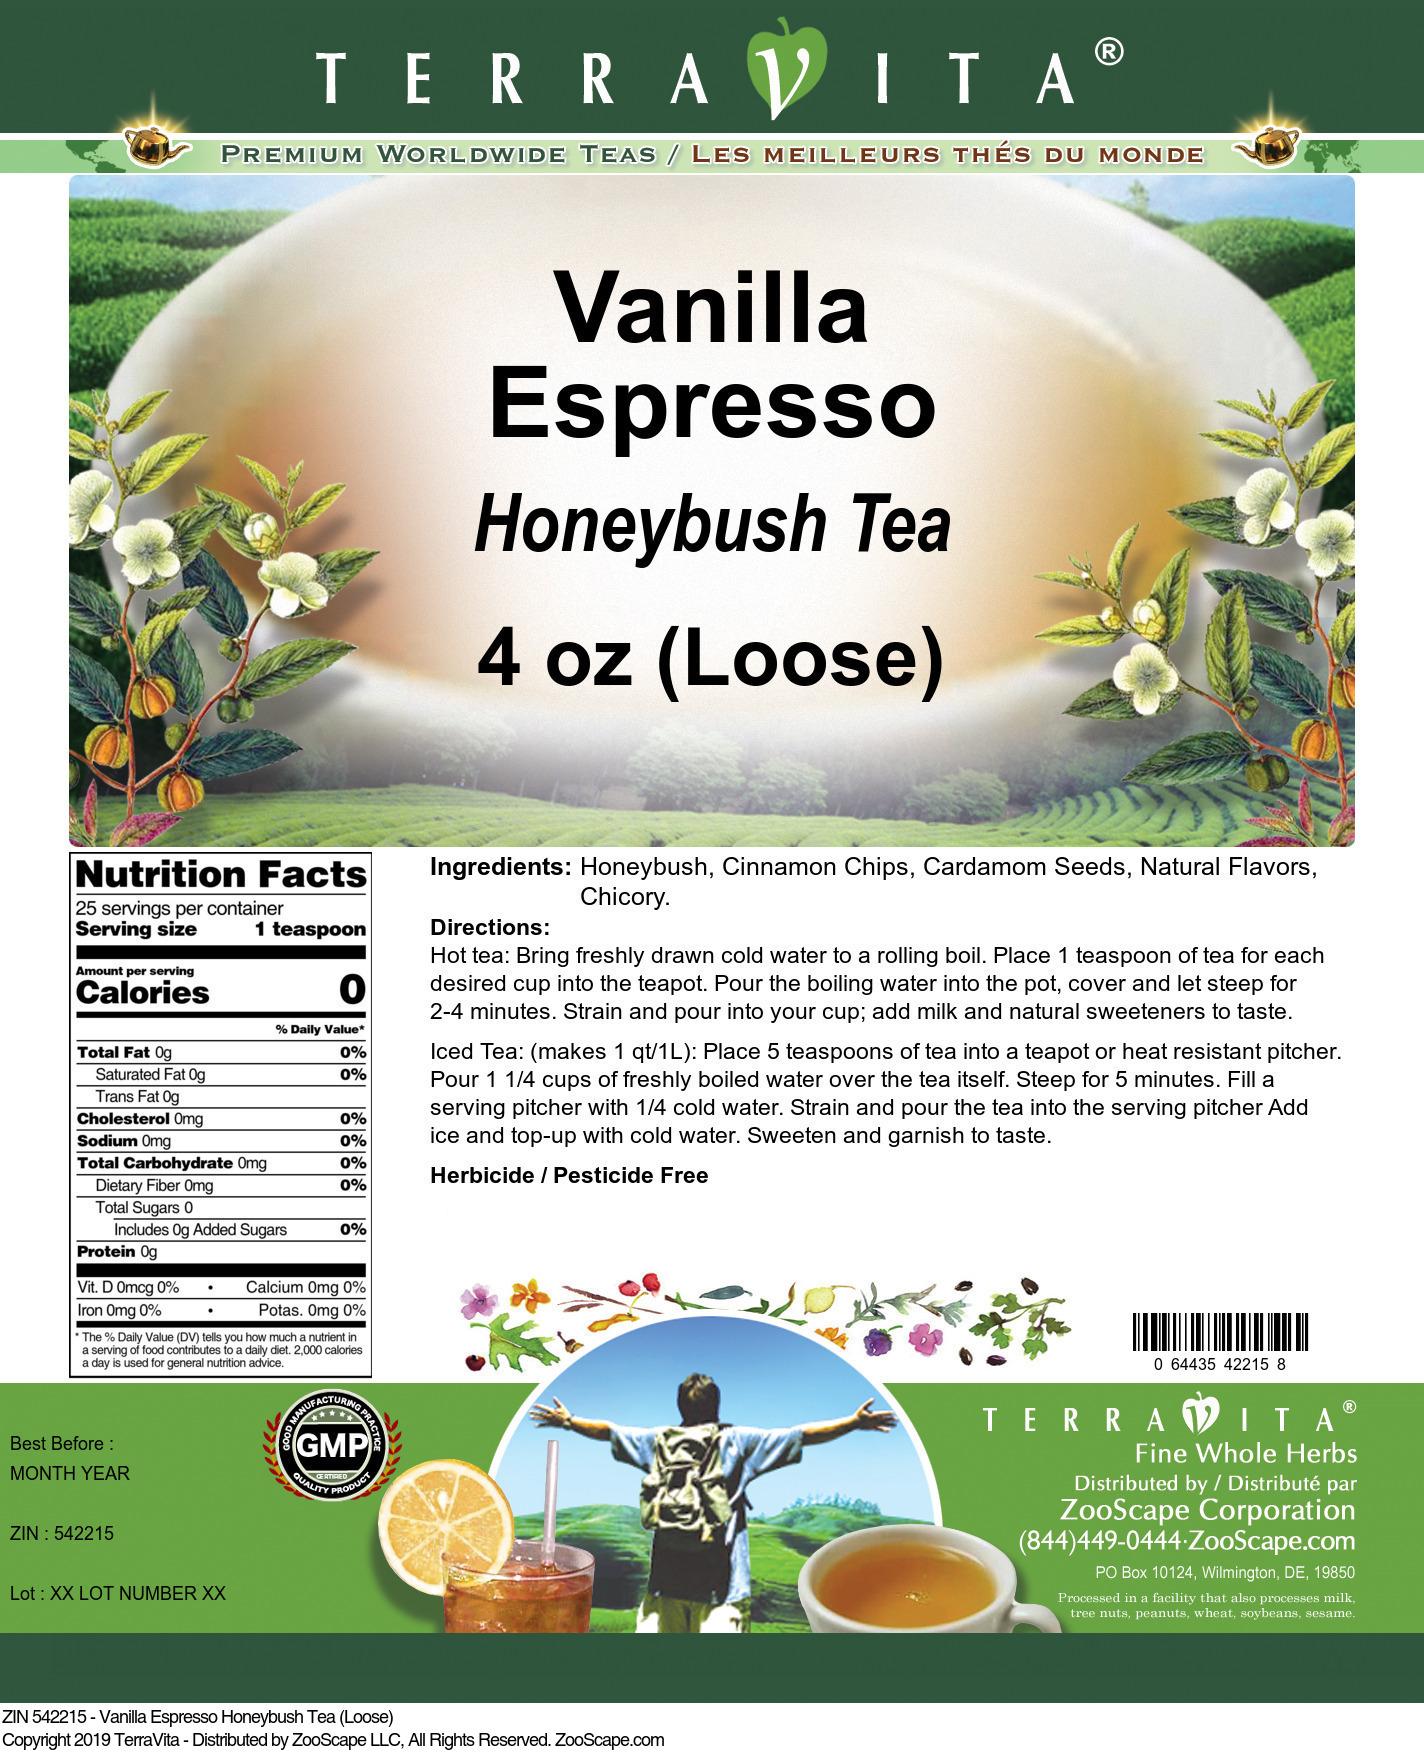 Vanilla Espresso Honeybush Tea (Loose)